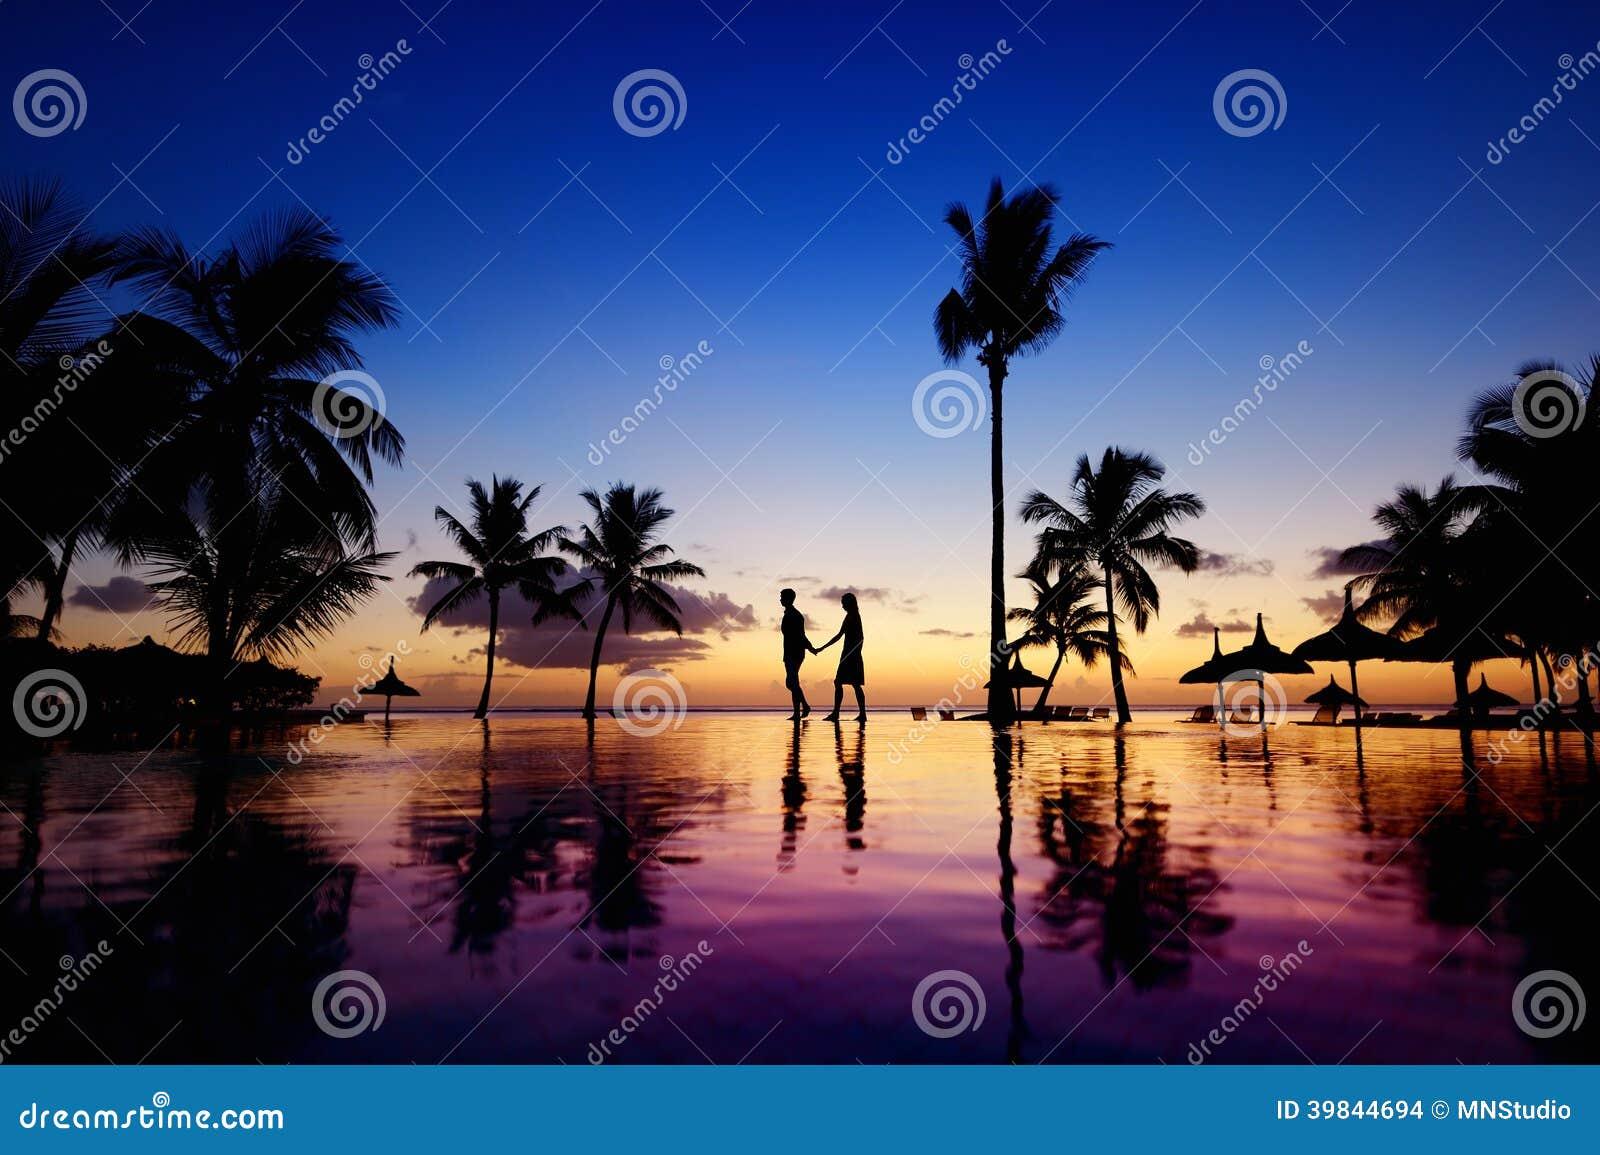 Siluetas de pares jovenes en la puesta del sol escénica